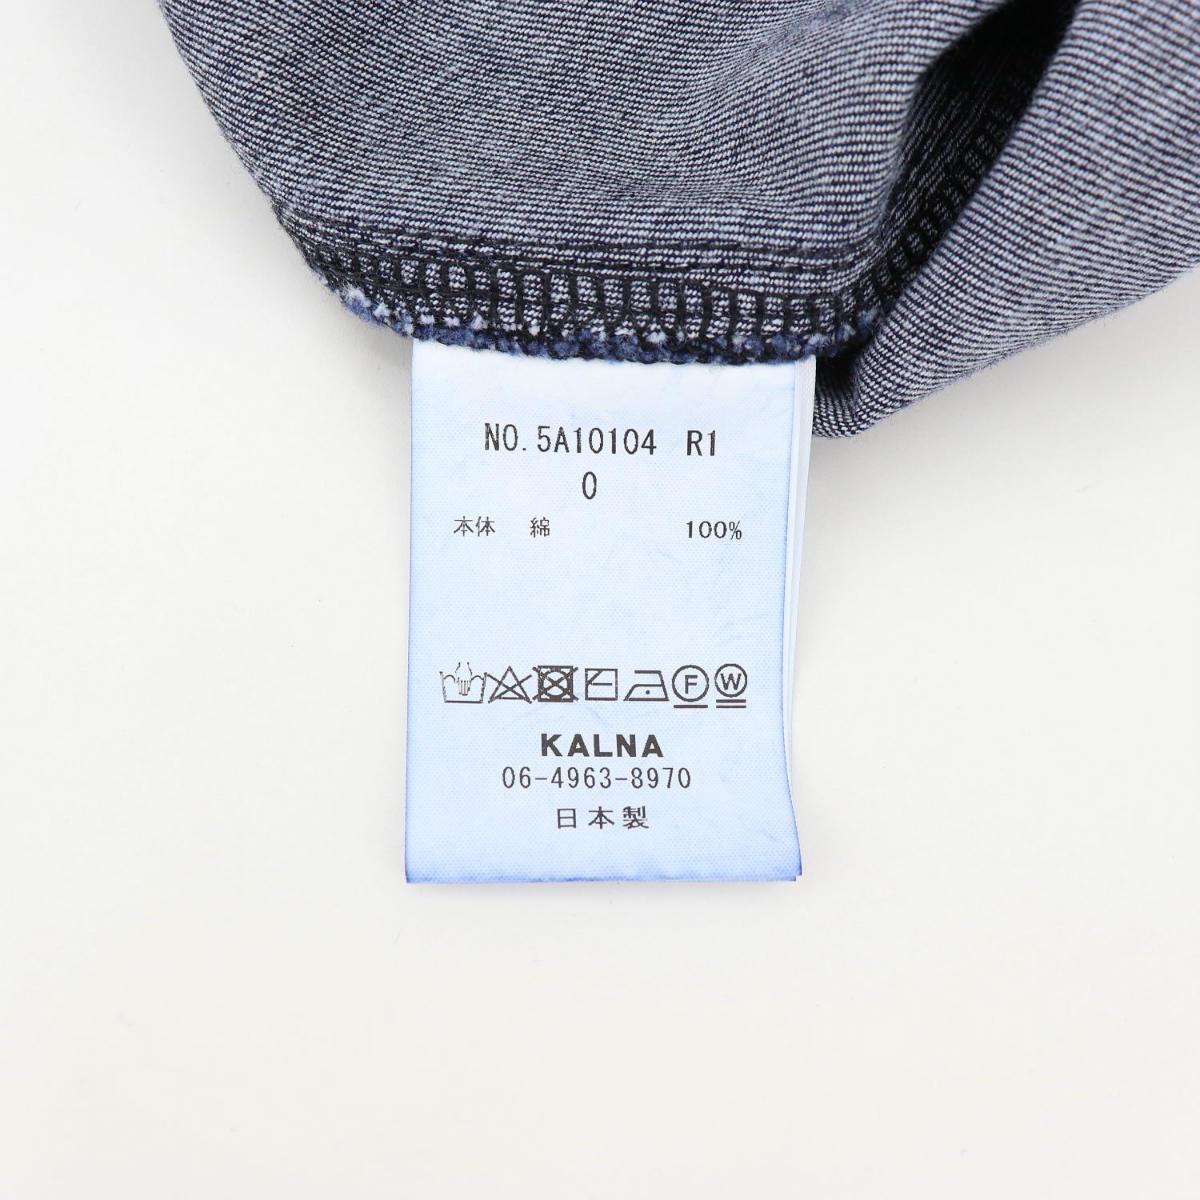 カルナ KALNA レディース デニム フレア マキシ丈 スカート 5A10104 KAL 039(インディゴ) 春夏新作